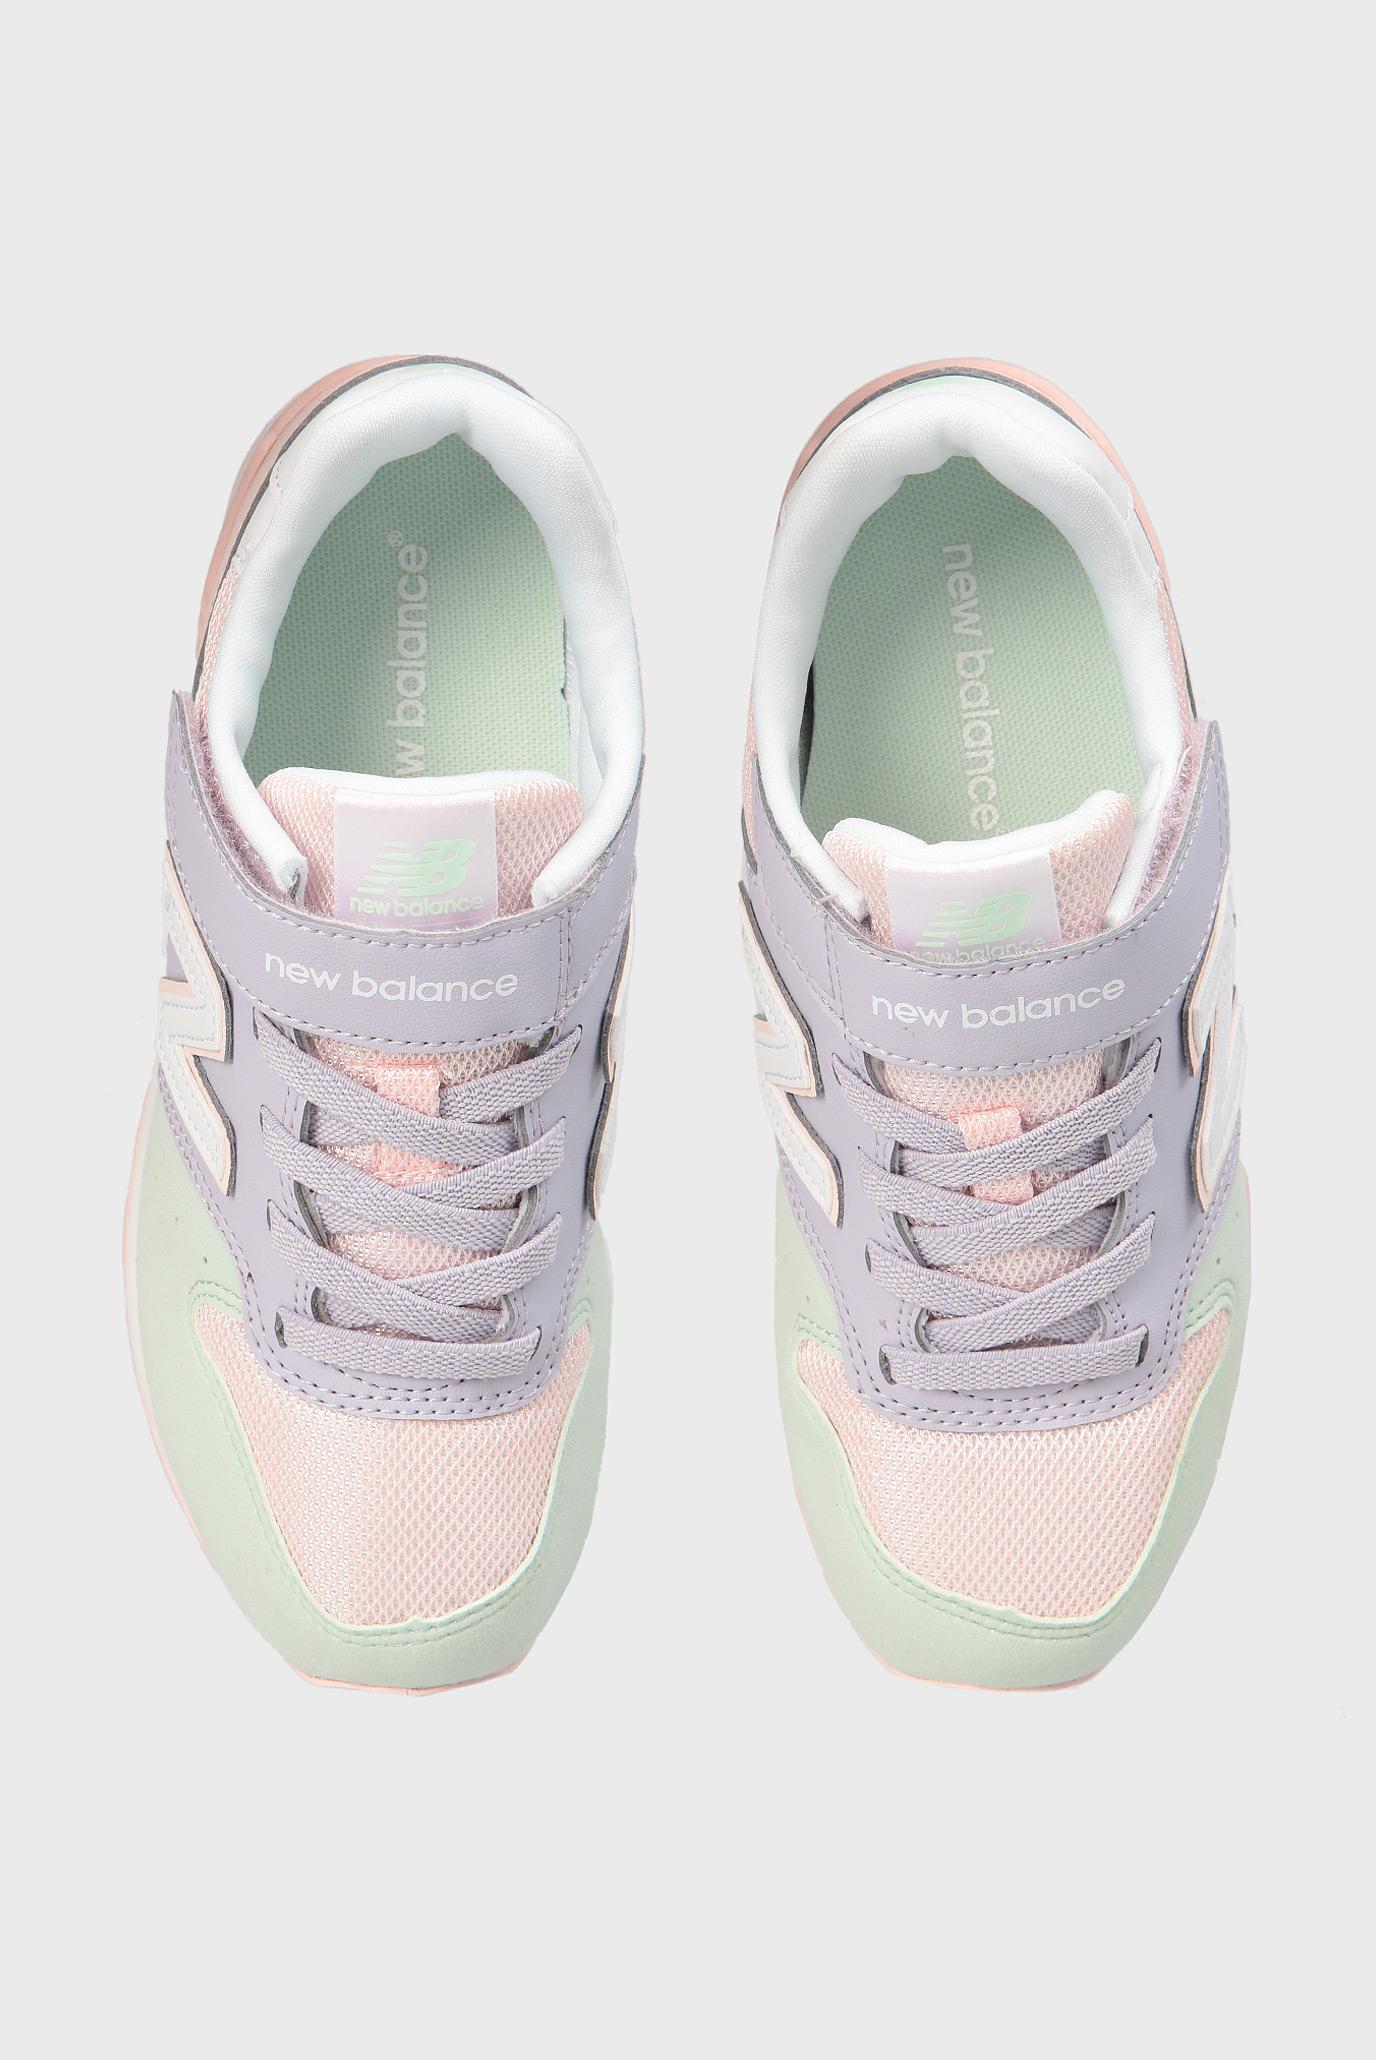 Купить Детские кроссовки 996 New Balance New Balance KV996P1Y – Киев ... 969b3e5304c8c